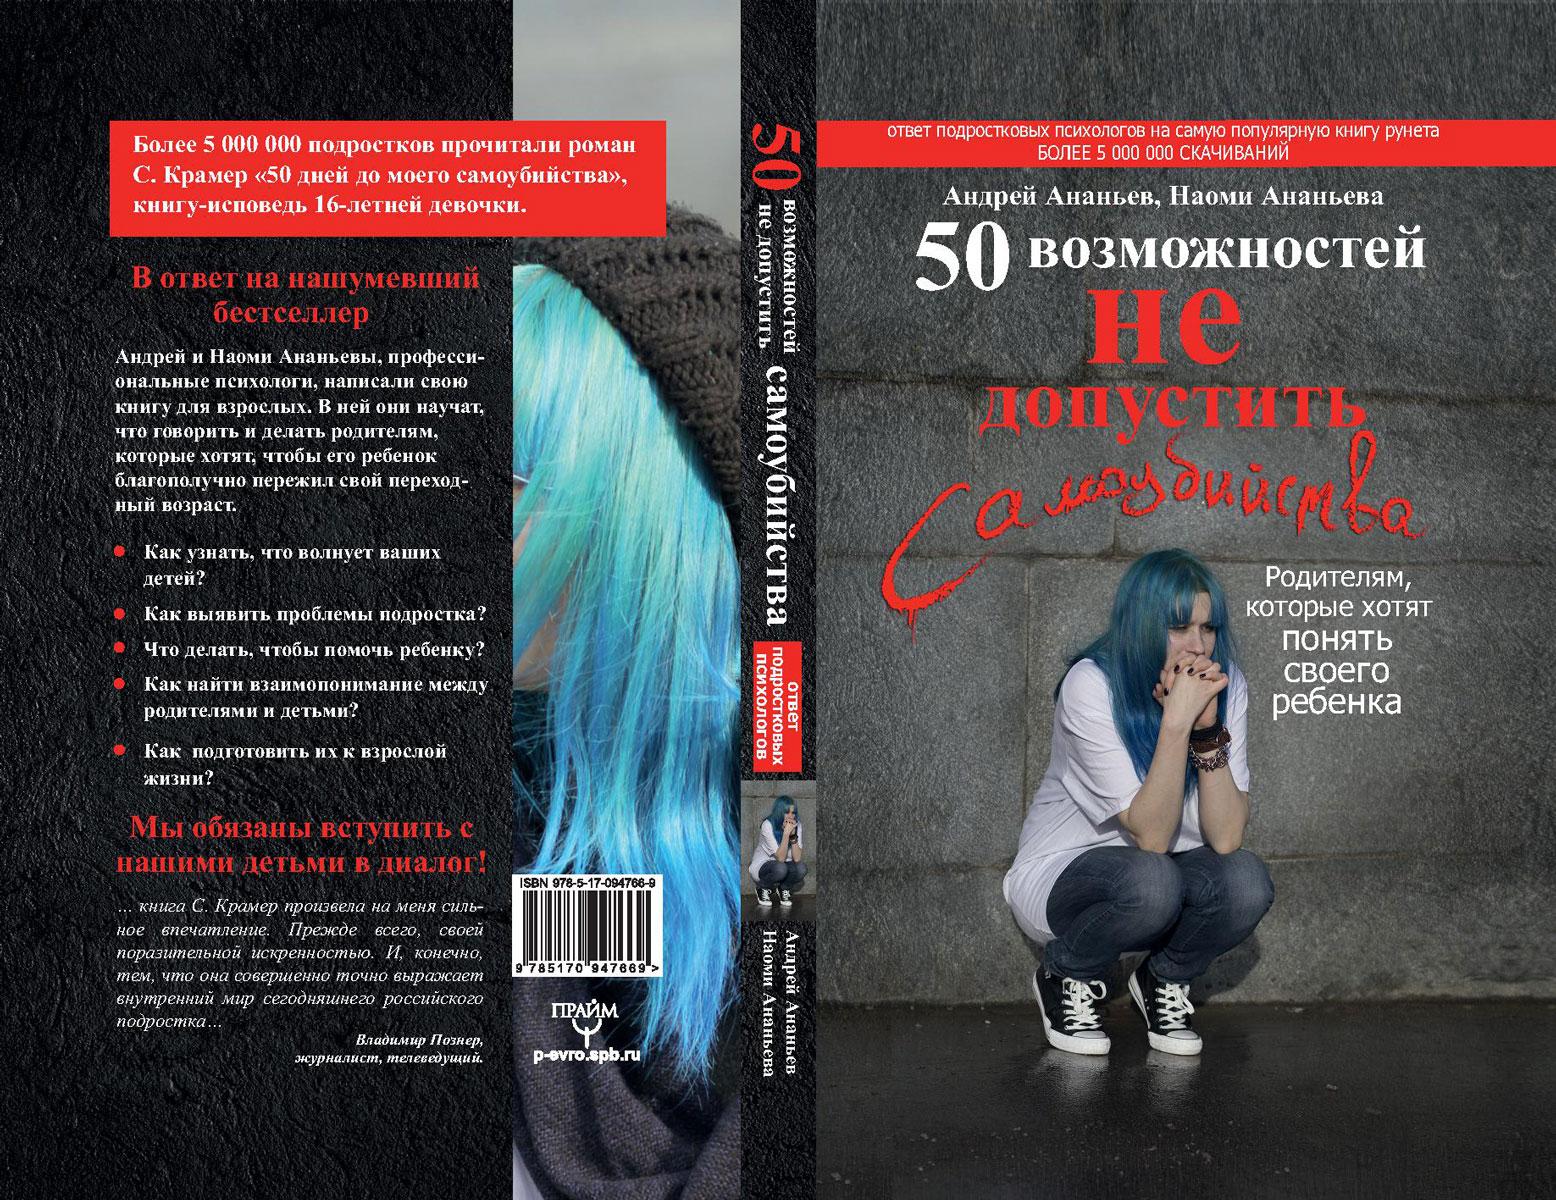 50 возможностей не допустить самоубийства. Родителям, которые хотят на самом деле понимать своего ребенка